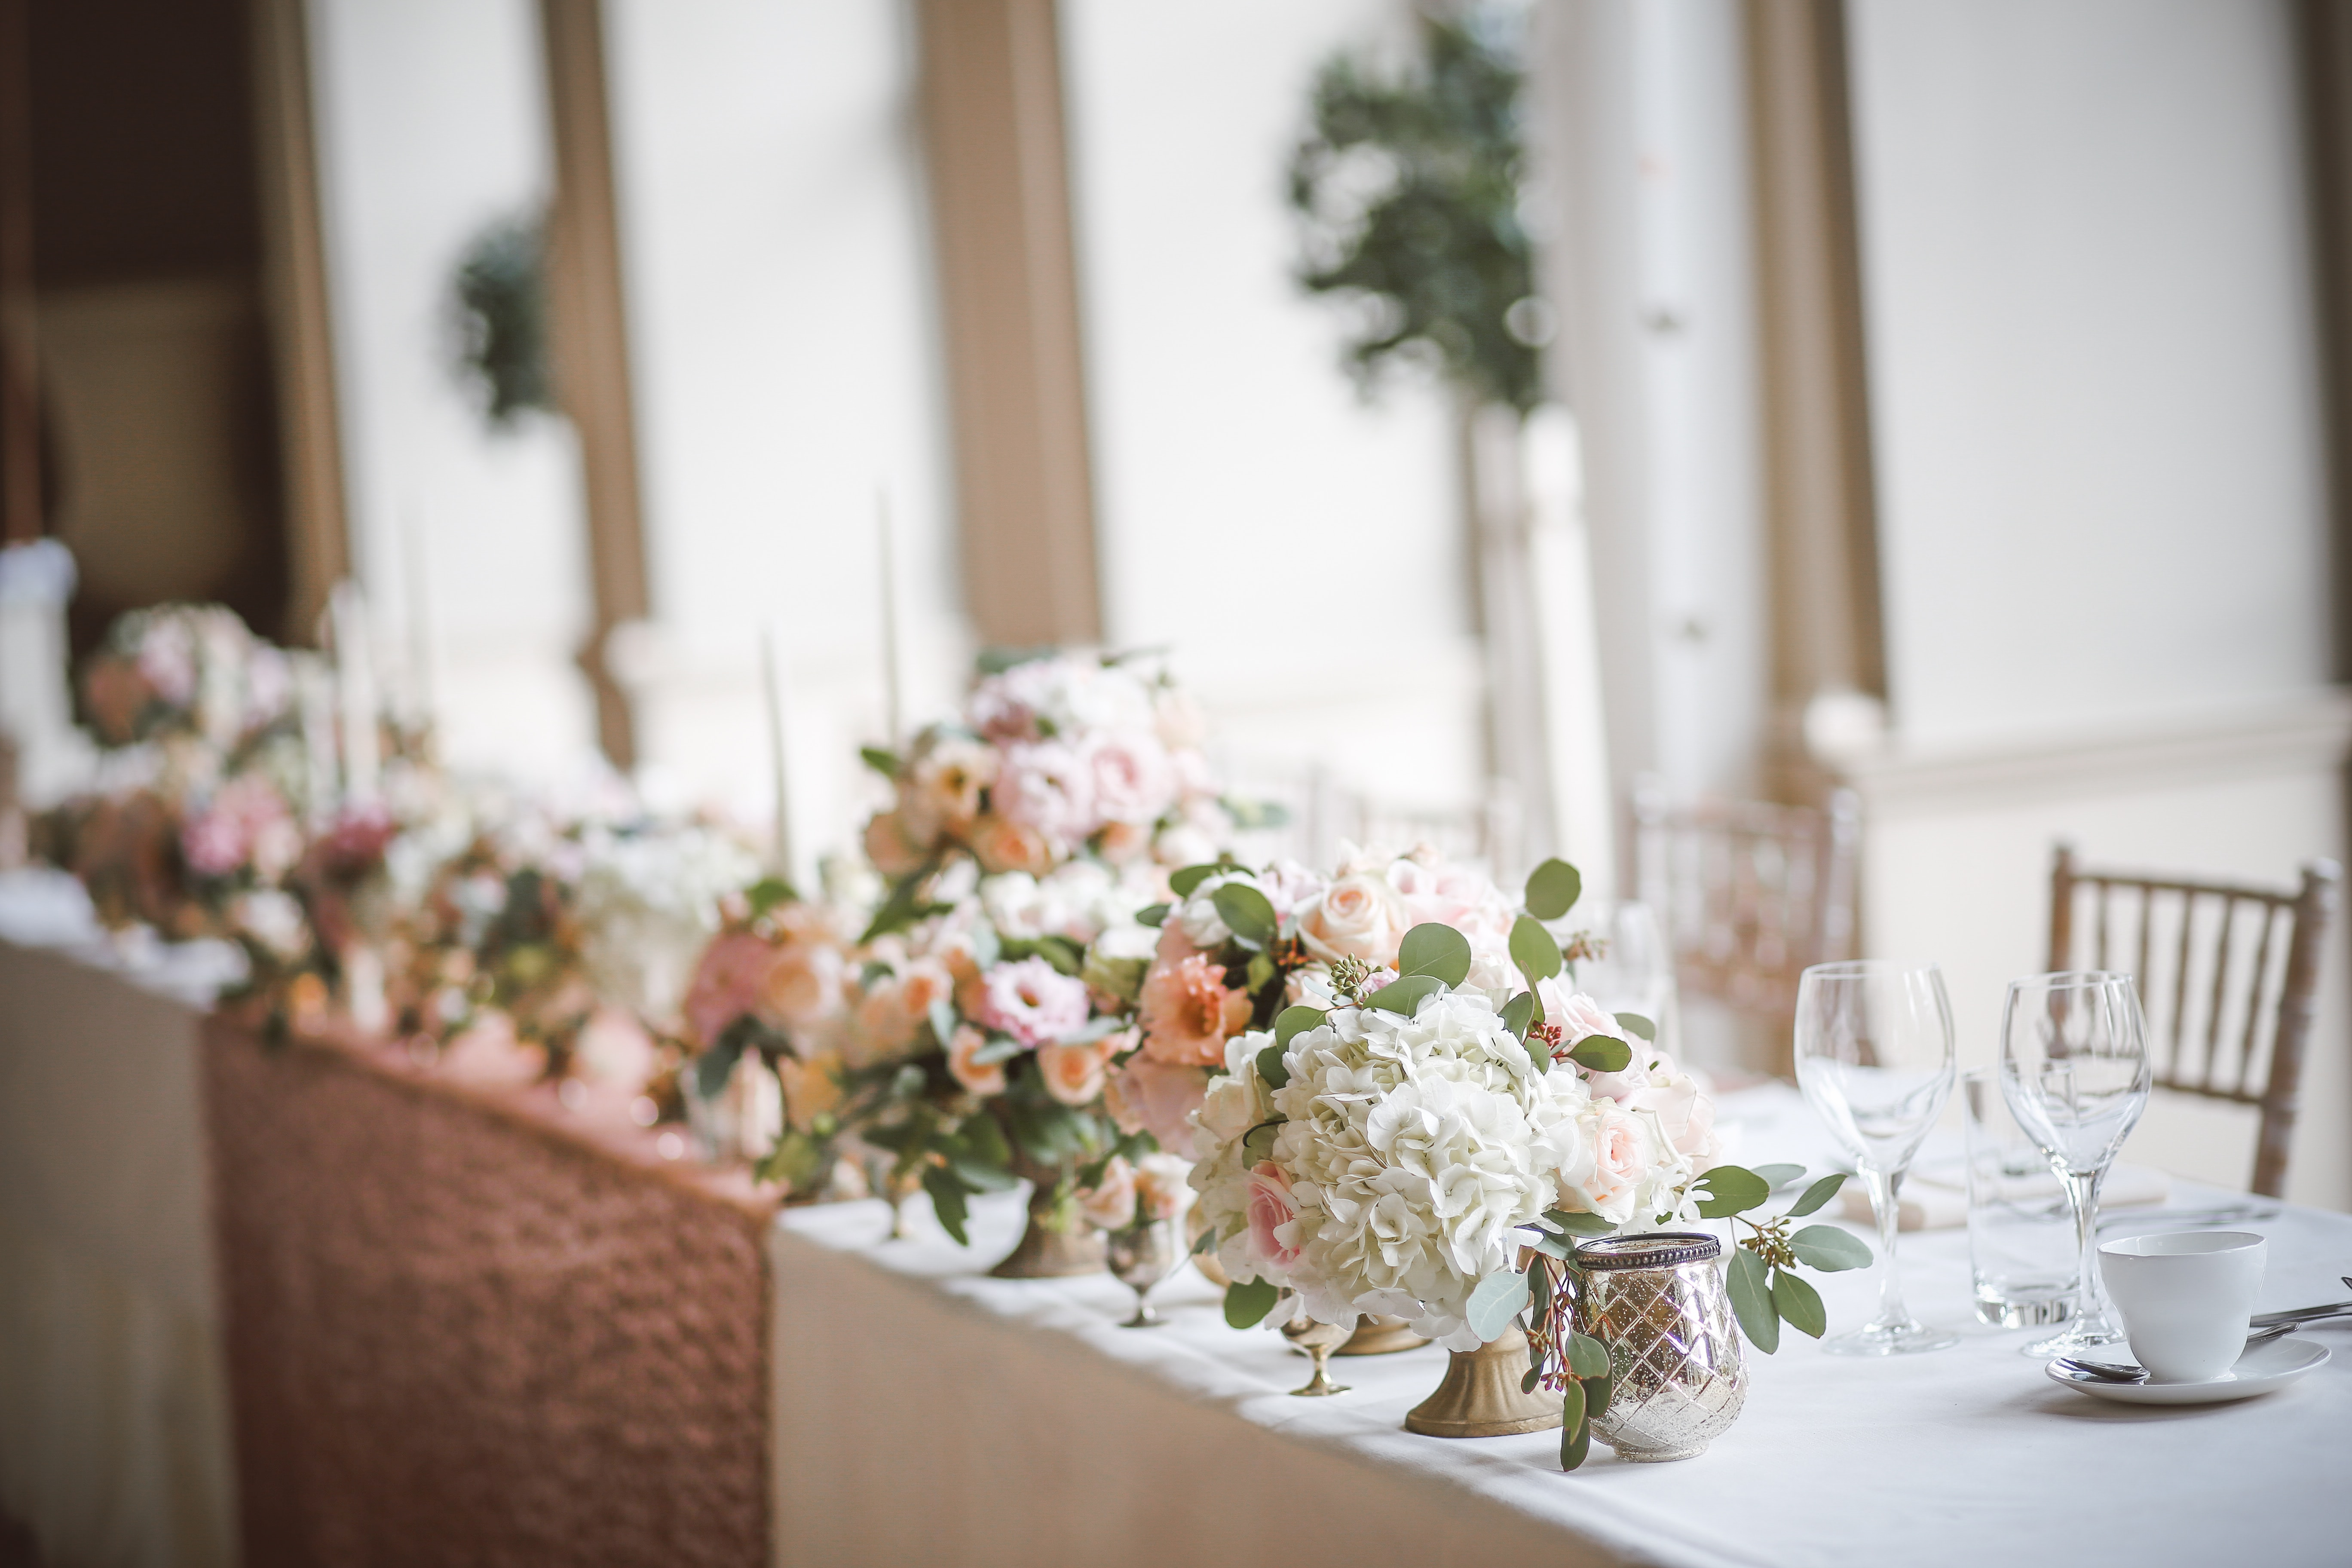 dekoracje ślubne ślubne inspiracje